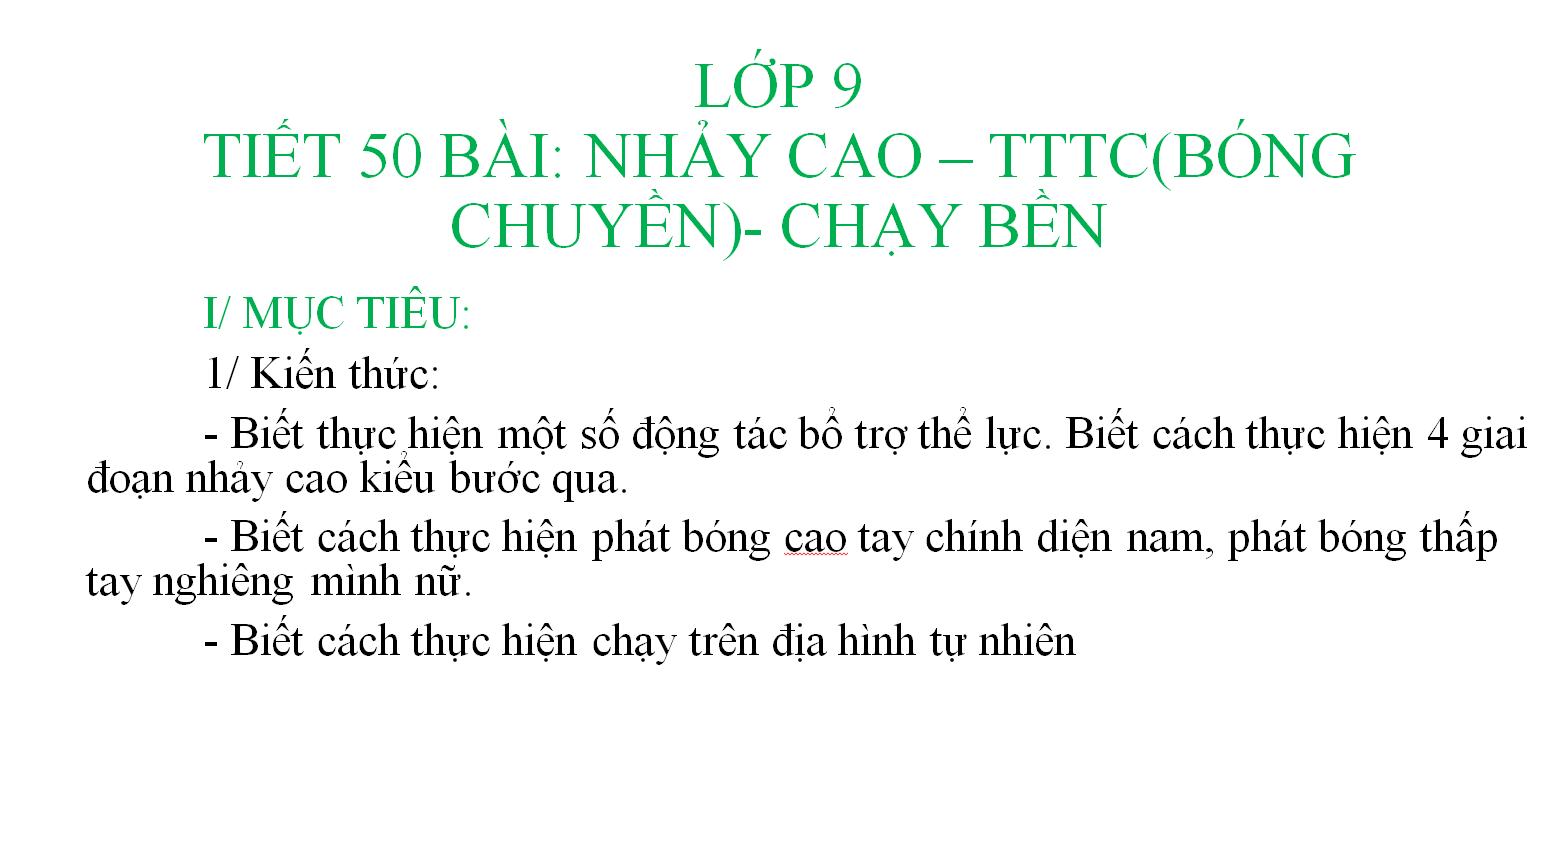 Tiết 50 bài nhảy cao, TTTC bóng chuyền, chạy bền_TH&THCS Vĩnh Trị_Vĩnh Hưng